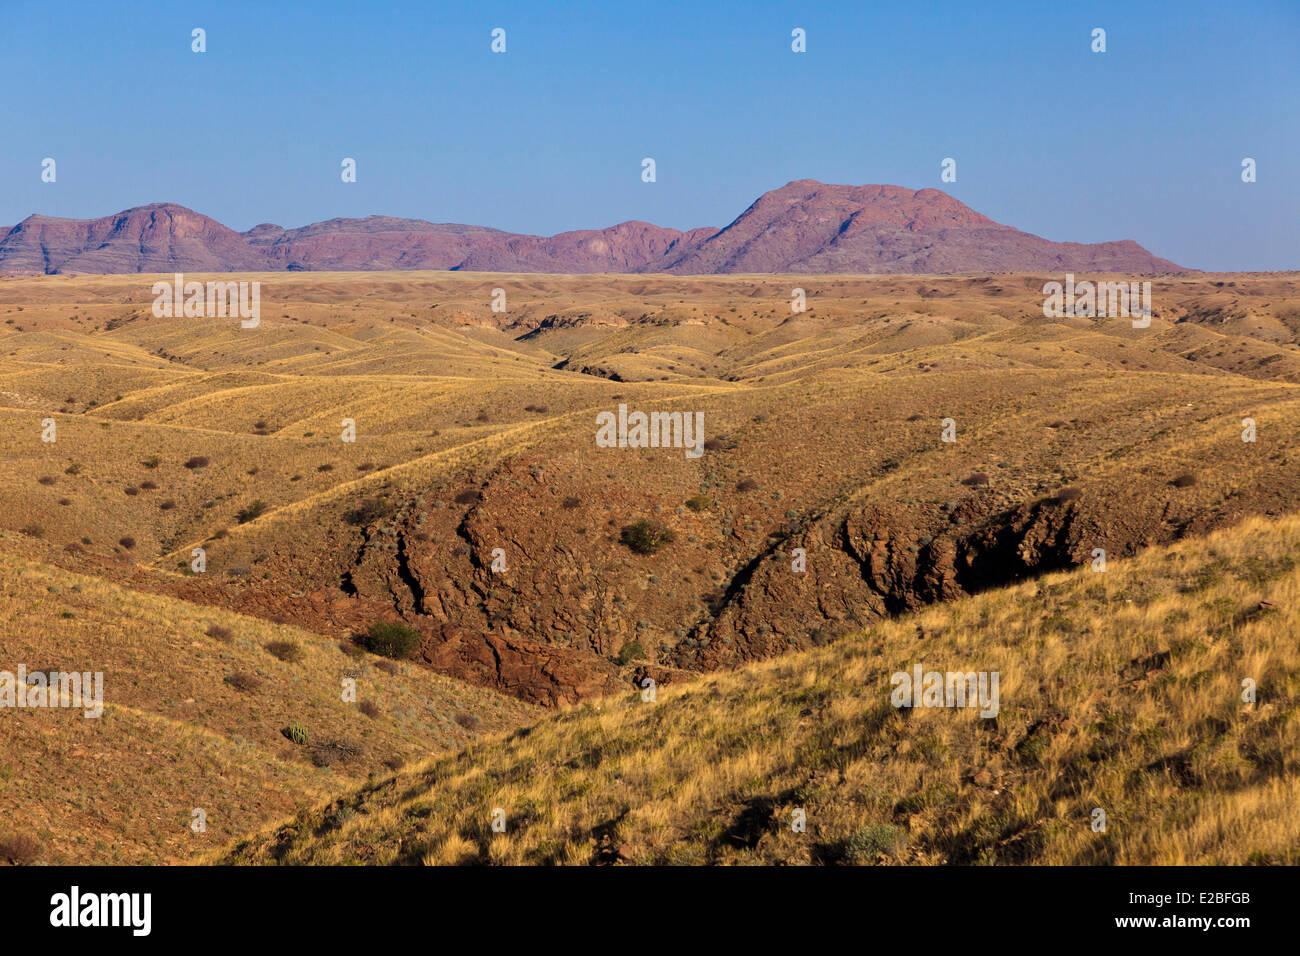 Namibia, Región Erongo, el Kuiseb Valley Imagen De Stock